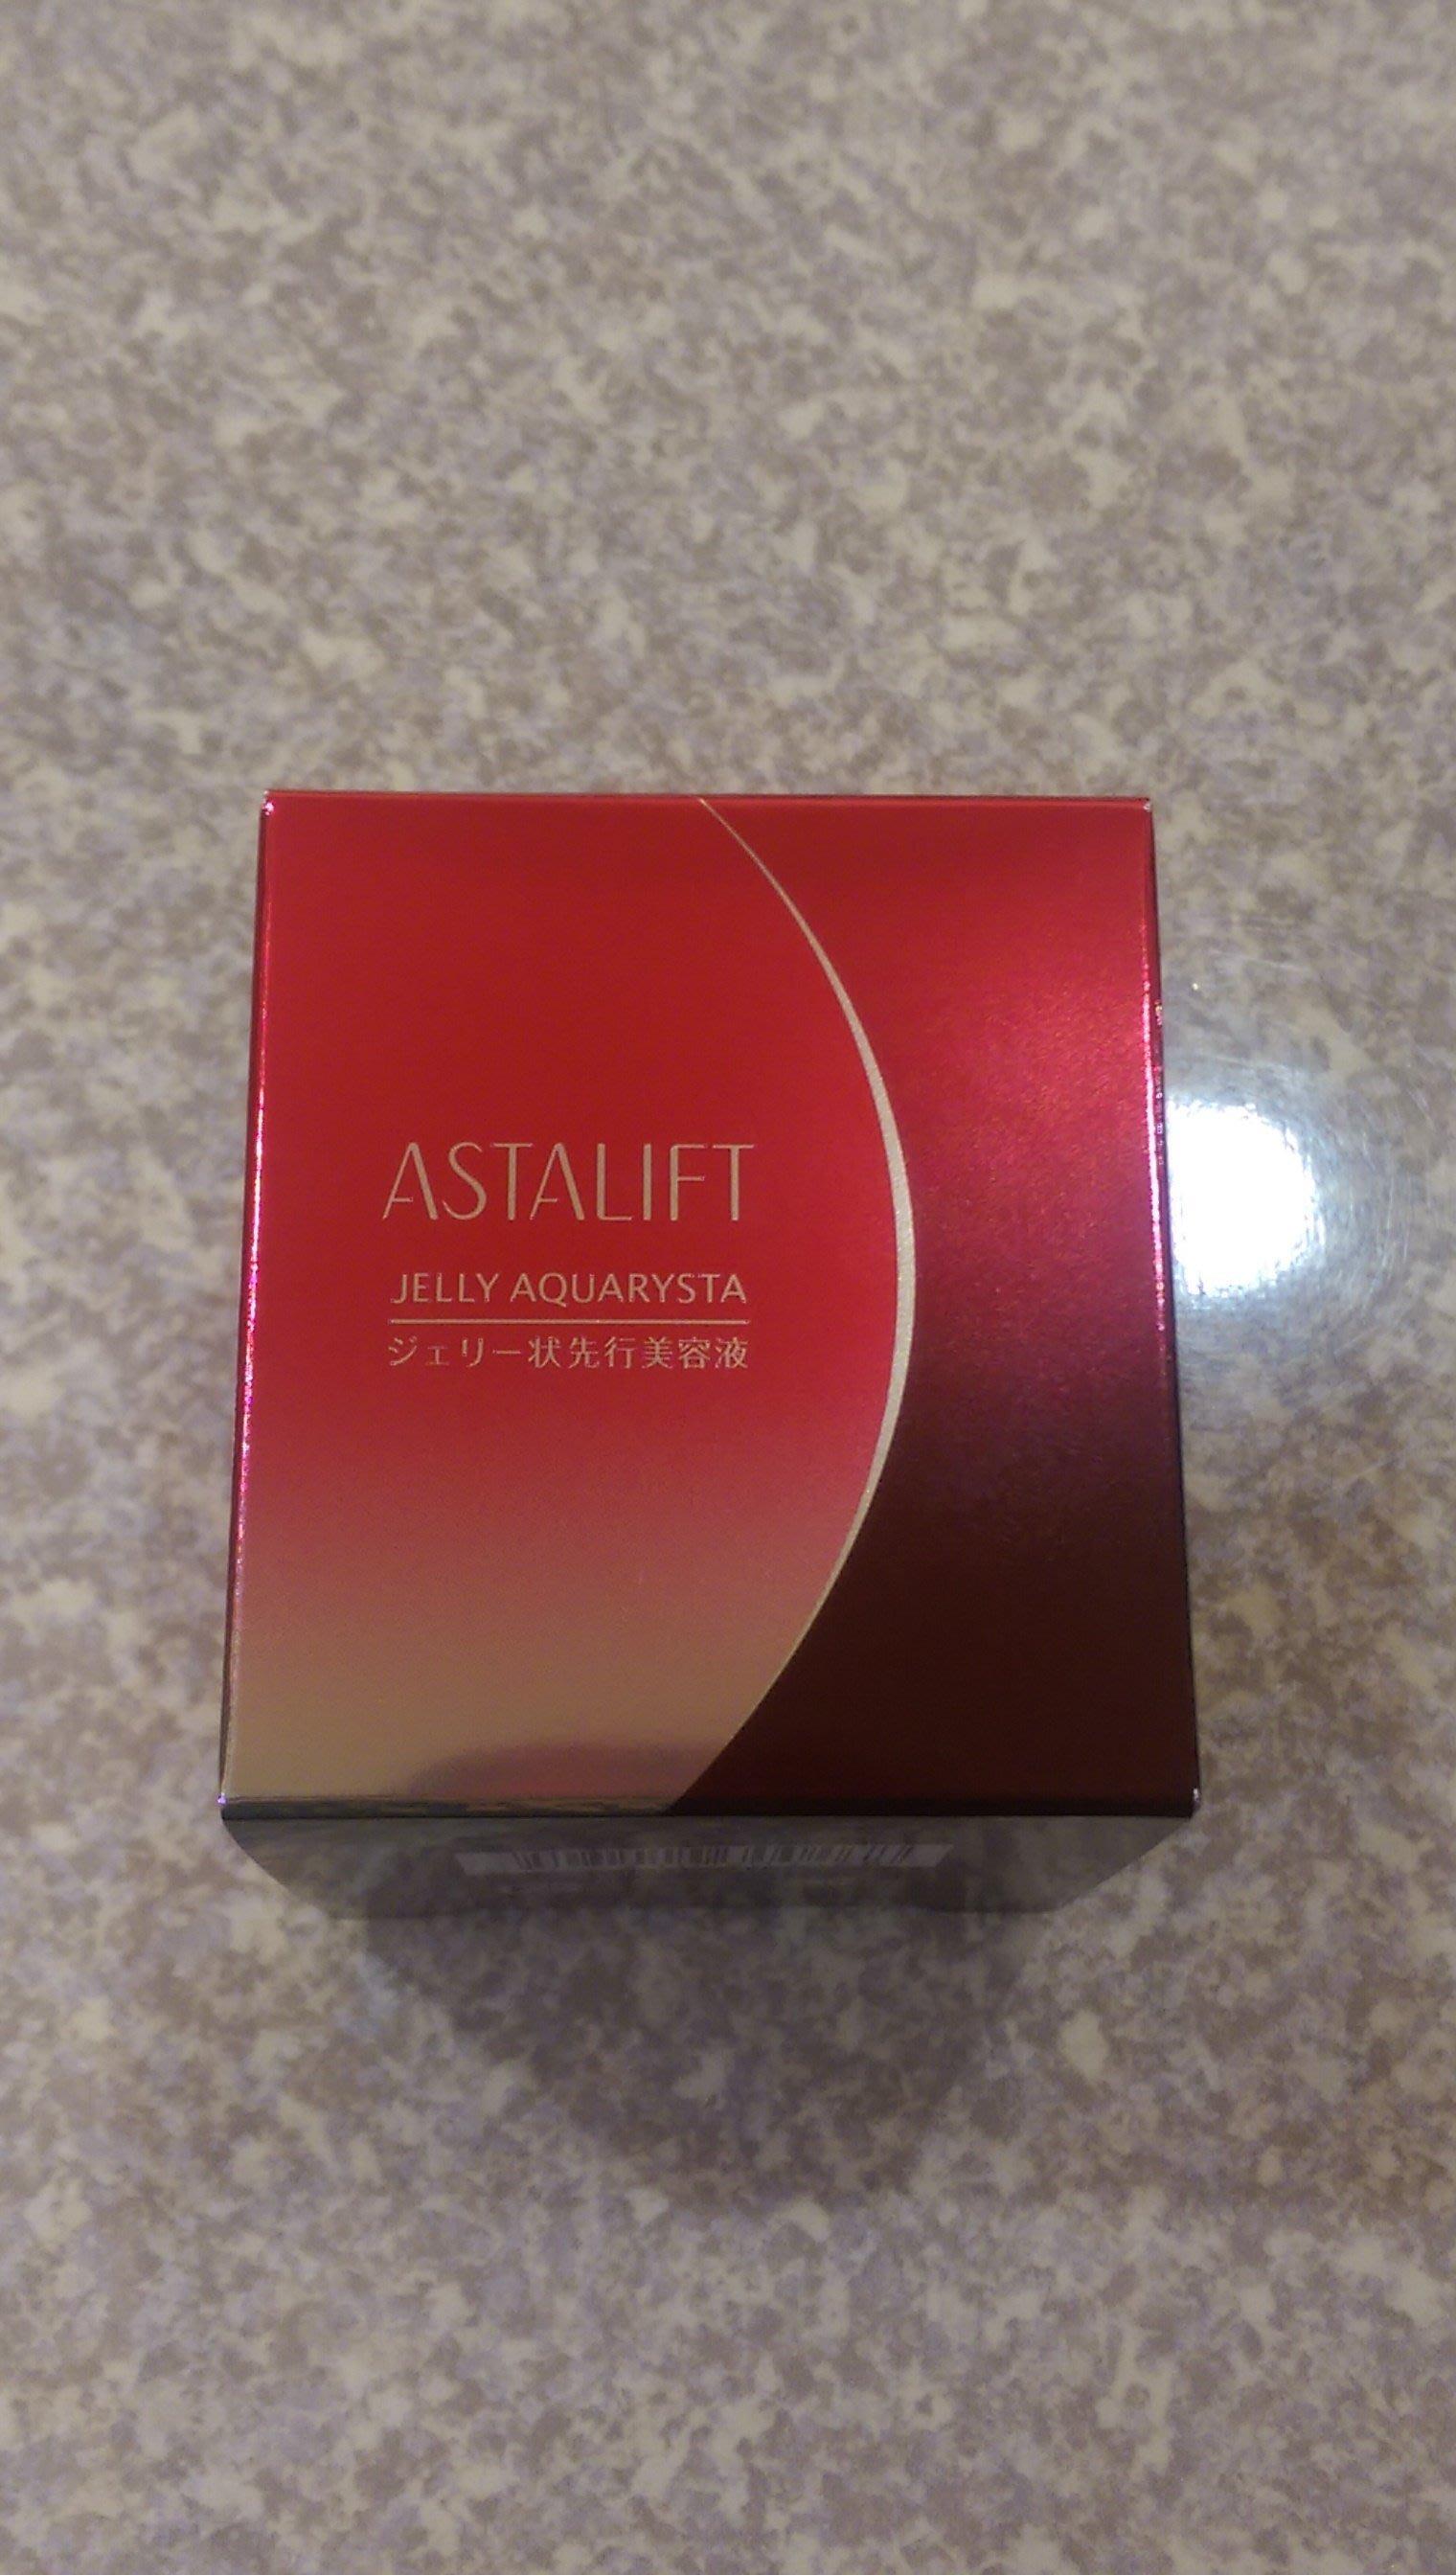 【迄兜人】ASTALIFT 艾詩緹---魔力紅美肌凍 40g~正貨